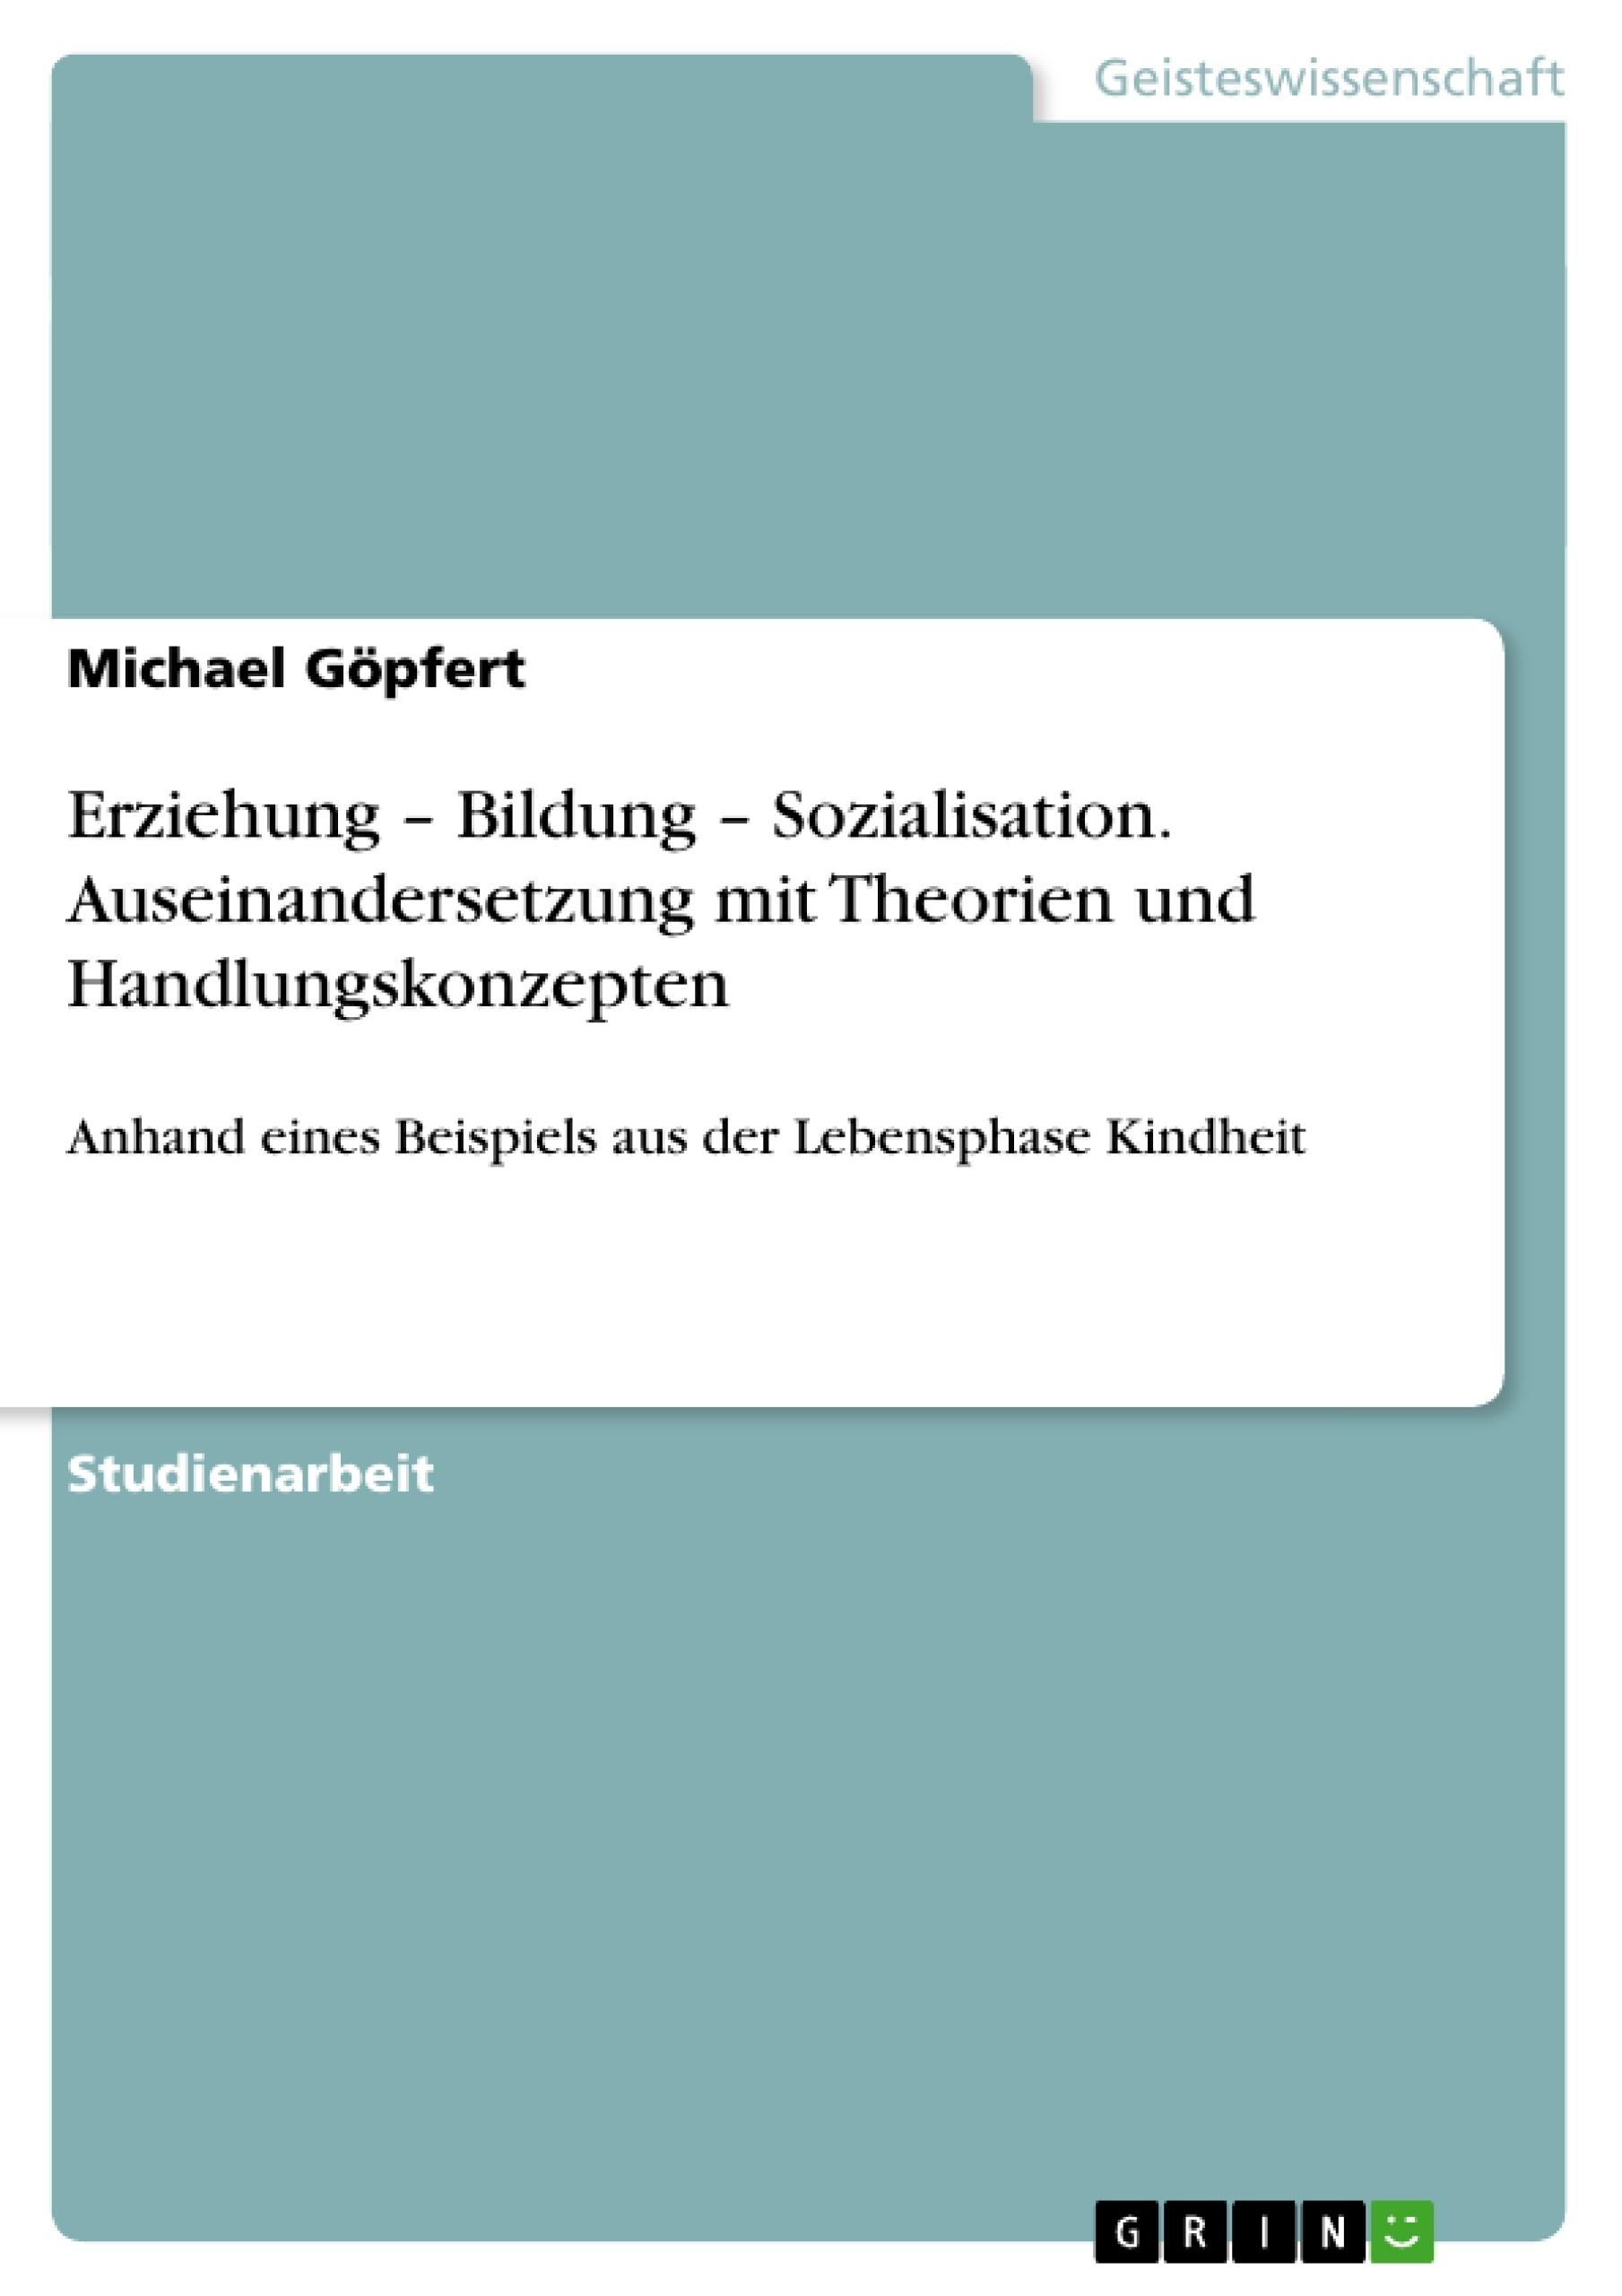 Titel: Erziehung – Bildung – Sozialisation. Auseinandersetzung mit Theorien und Handlungskonzepten